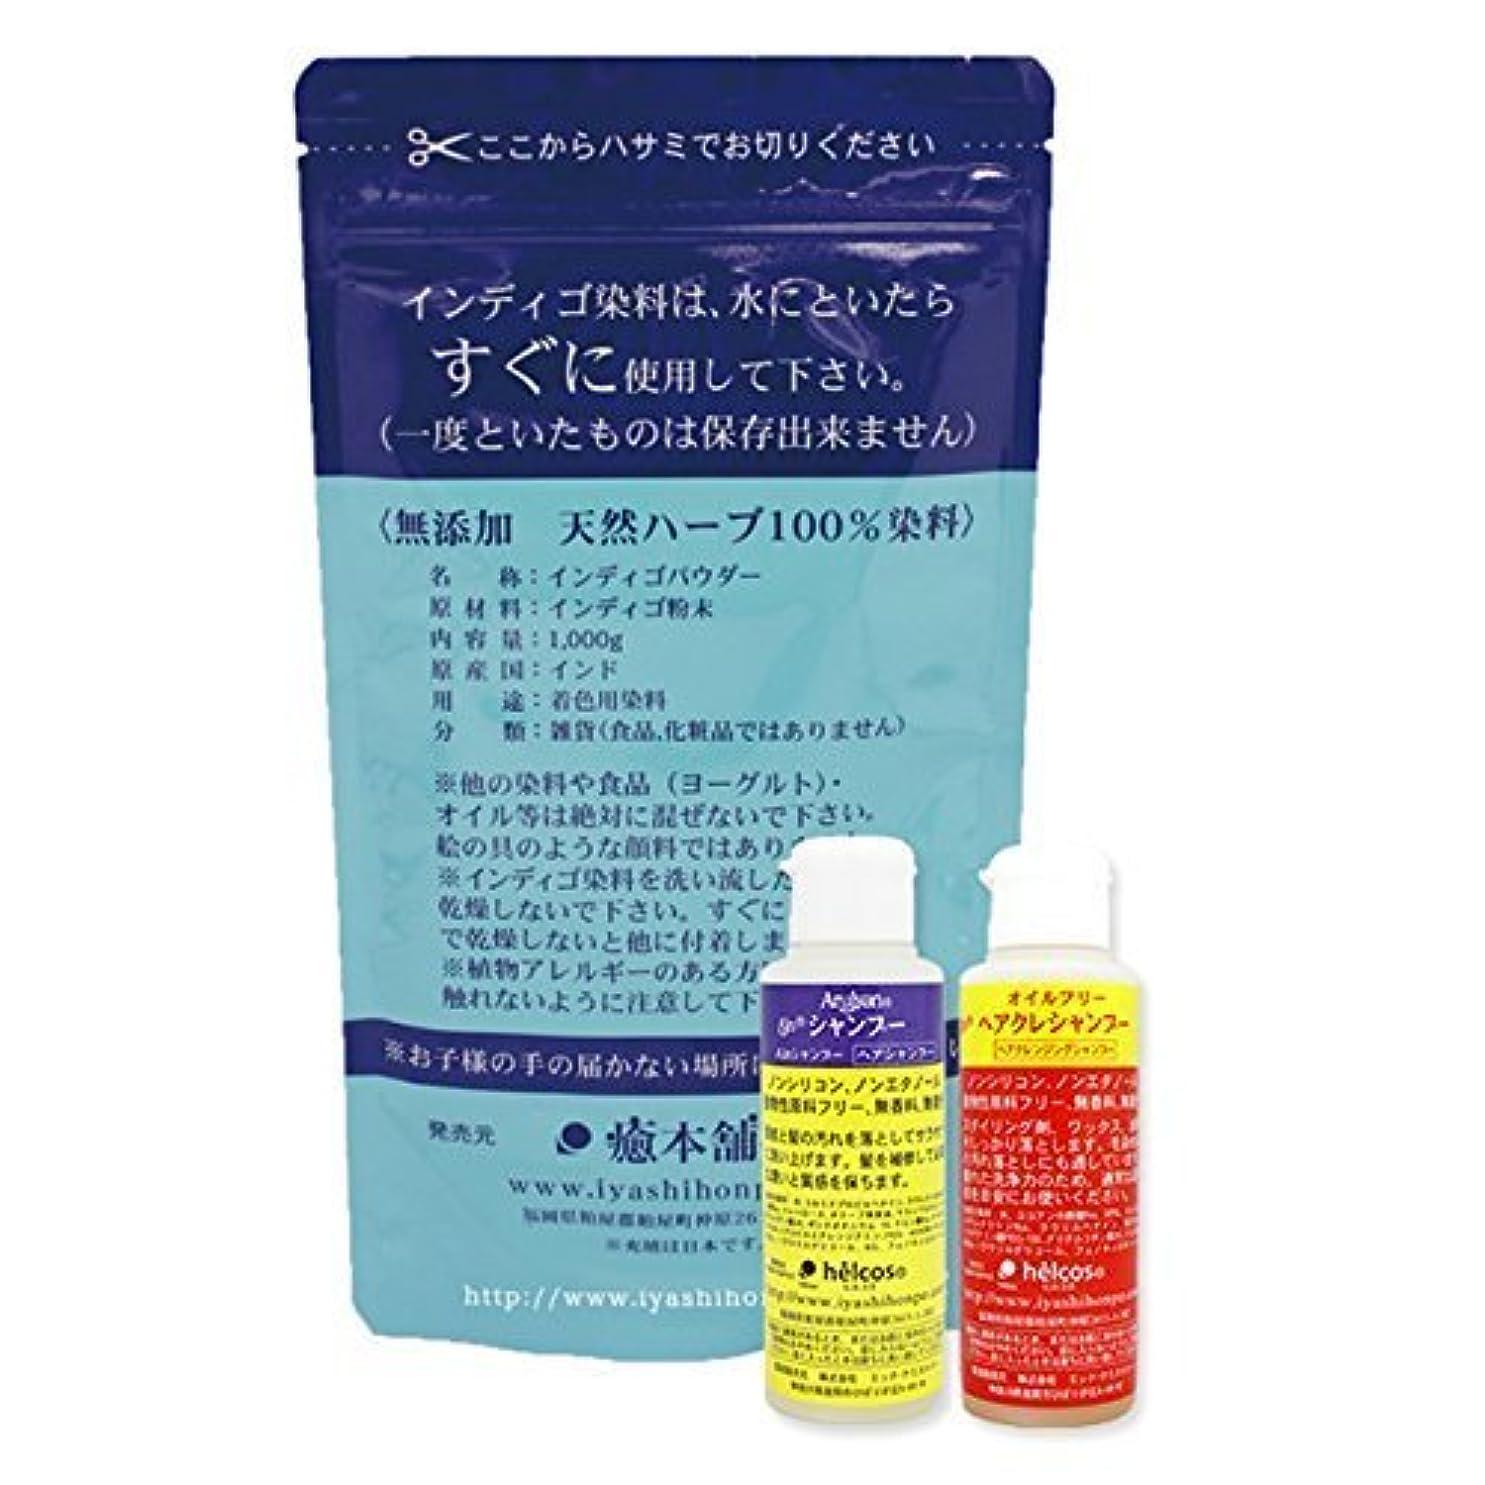 一般的に言えばペストリー限られた白髪染め インディゴ(天然染料100%) 1kg+シャンプー2種セット 癒本舗